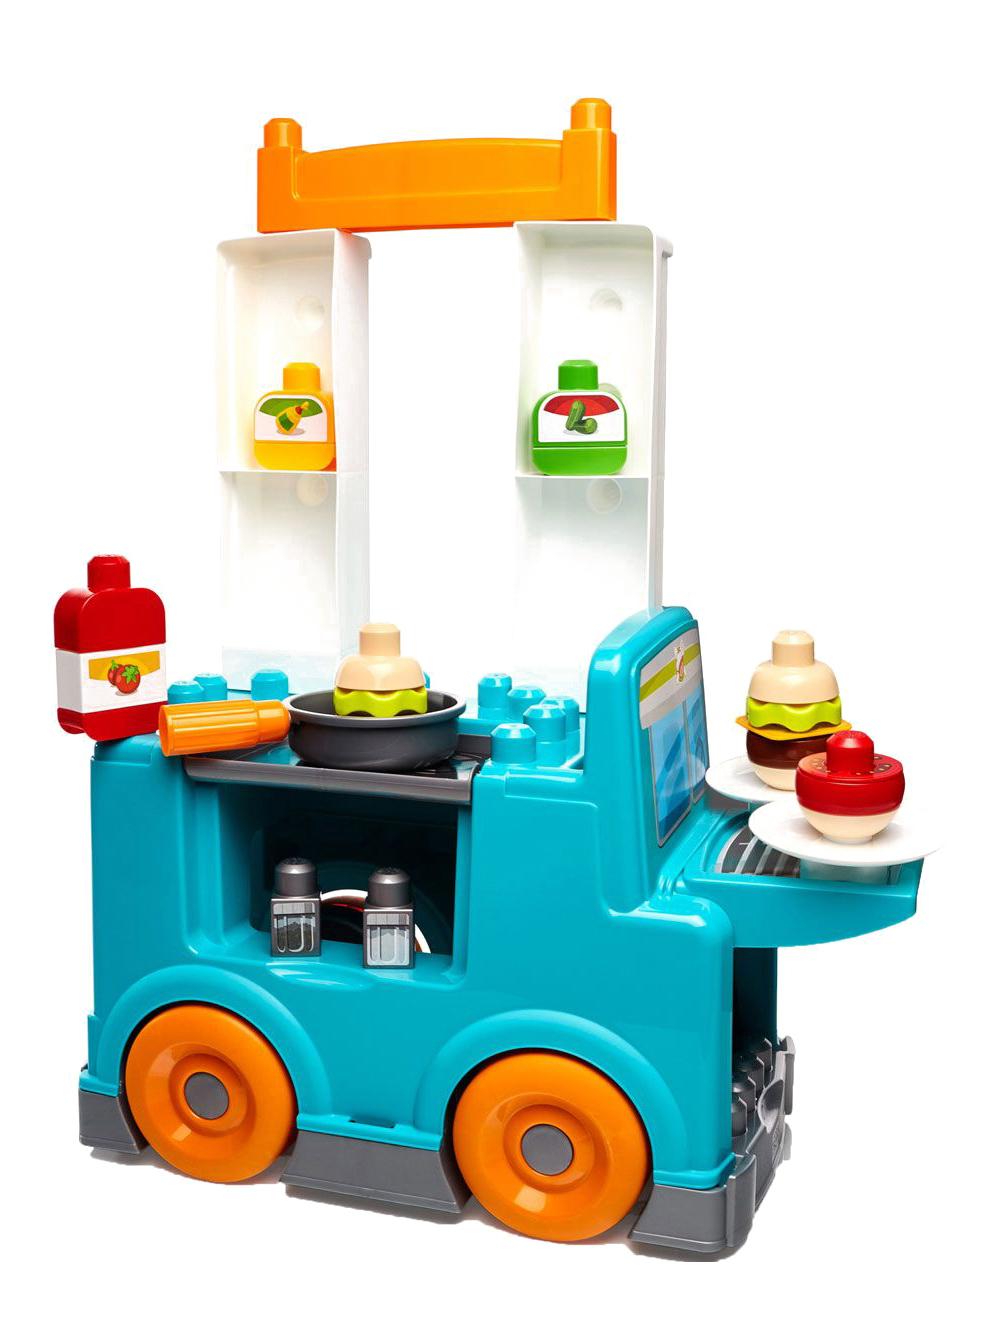 Купить Конструктор пластиковый Mattel inc Mega Bloks Продуктовый фургон, Конструкторы пластмассовые